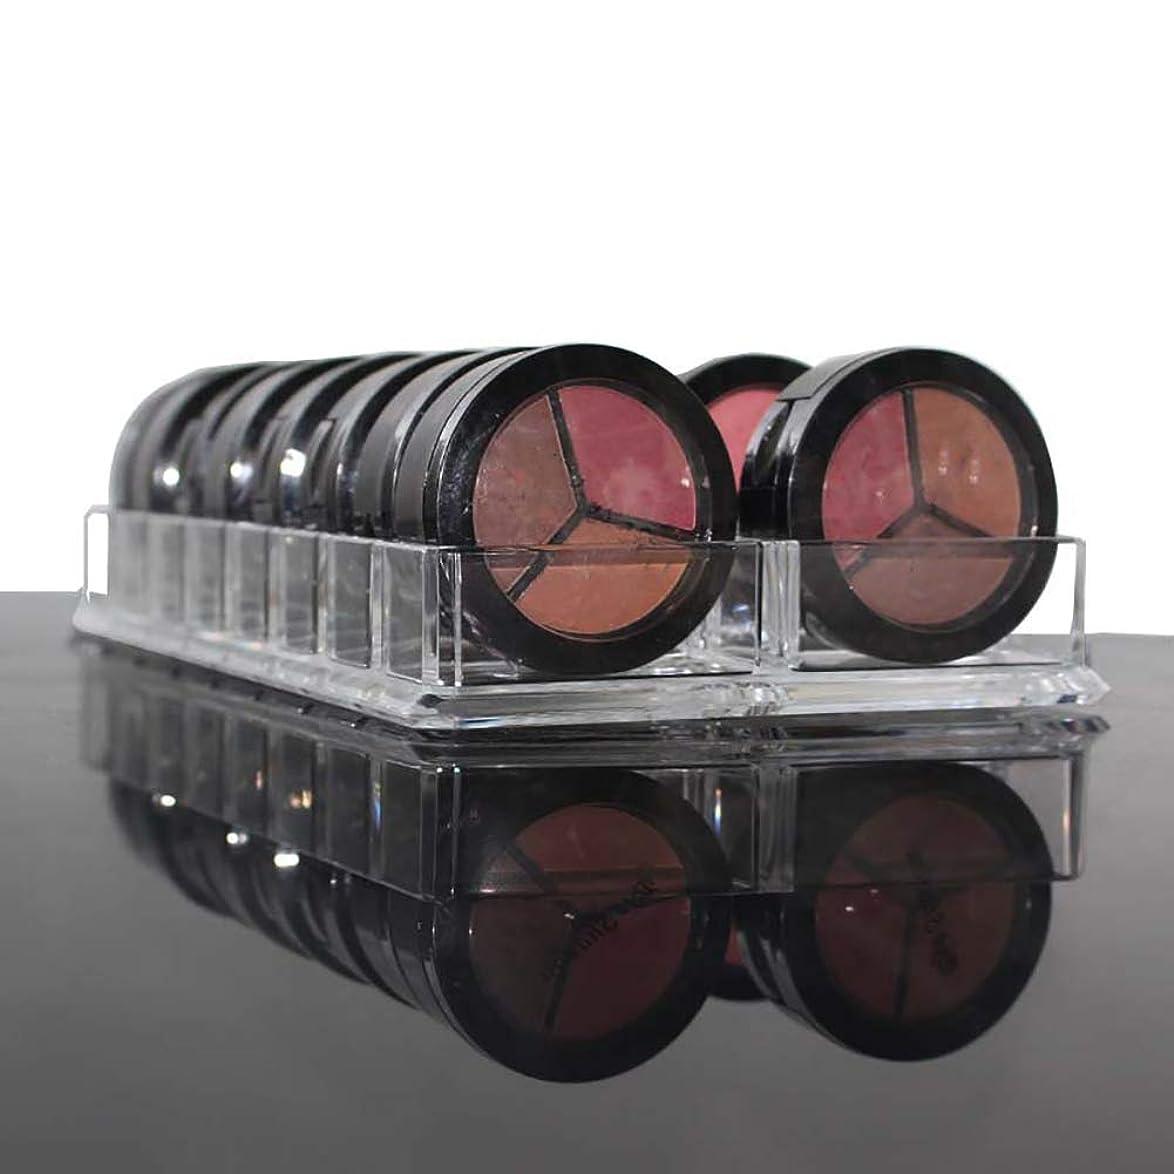 振り子ホールドオール脅かすhamulekfae-化粧品綺麗アクリルアイシャドー頬紅化粧オーガナイザー16スペース化粧品収納ケースホルダー - 透明